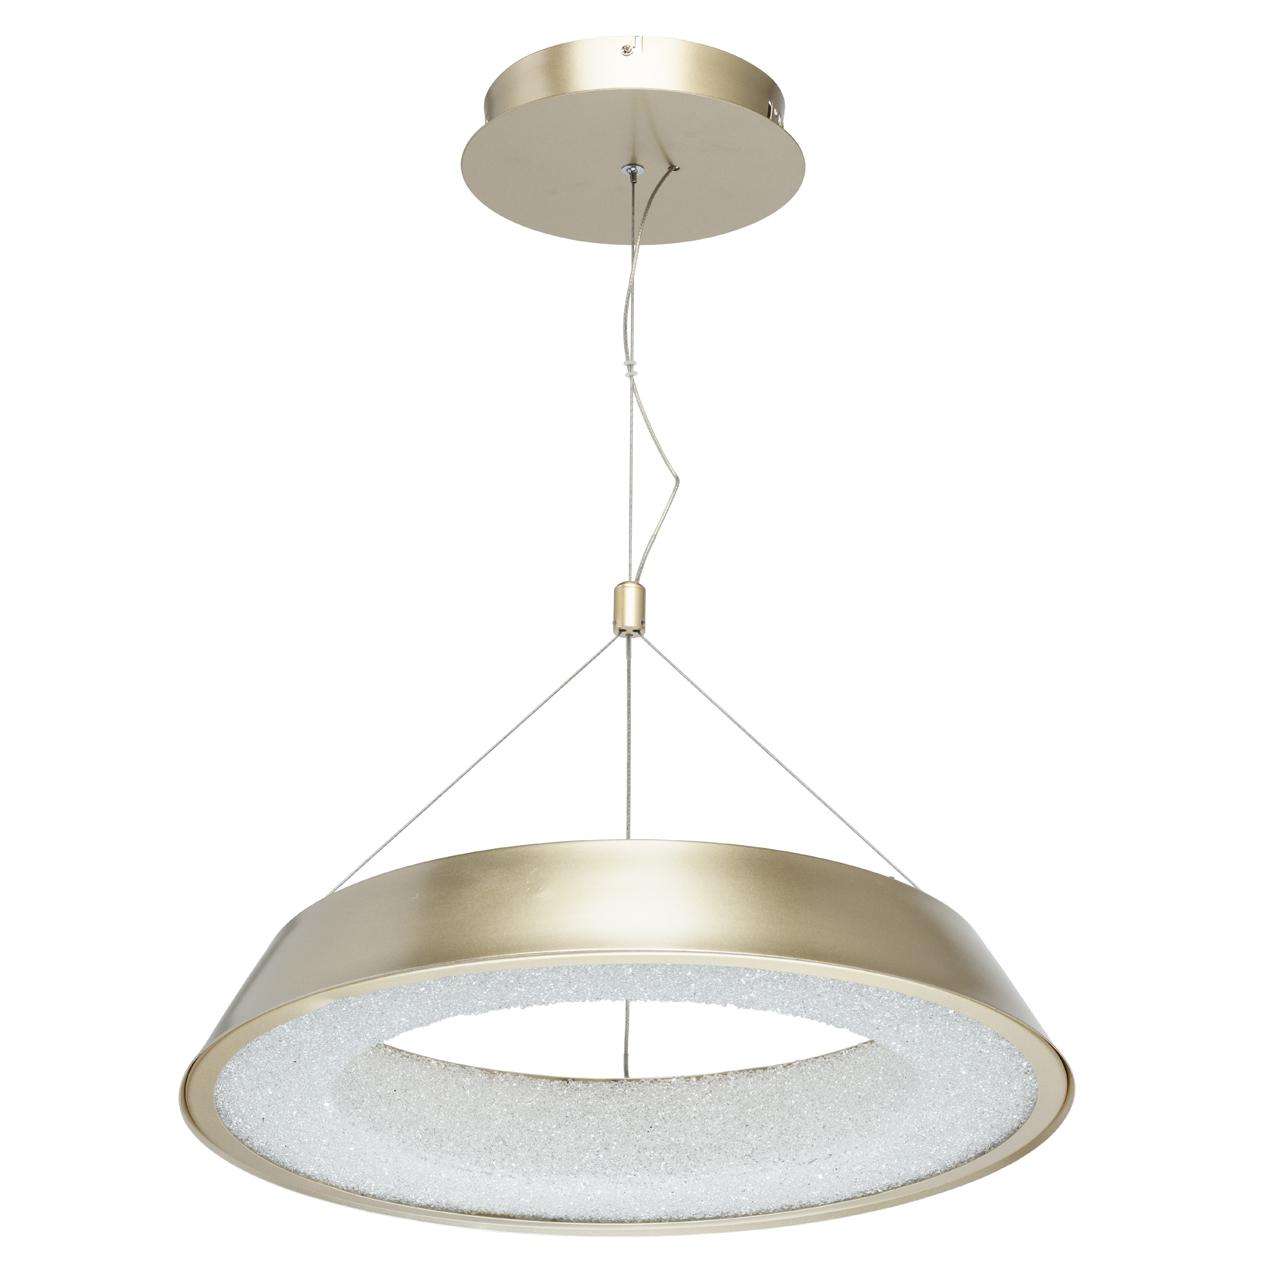 Lampa wisząca LED o kształcie pierścienia, matowe złoto, teksturowane wnętrze